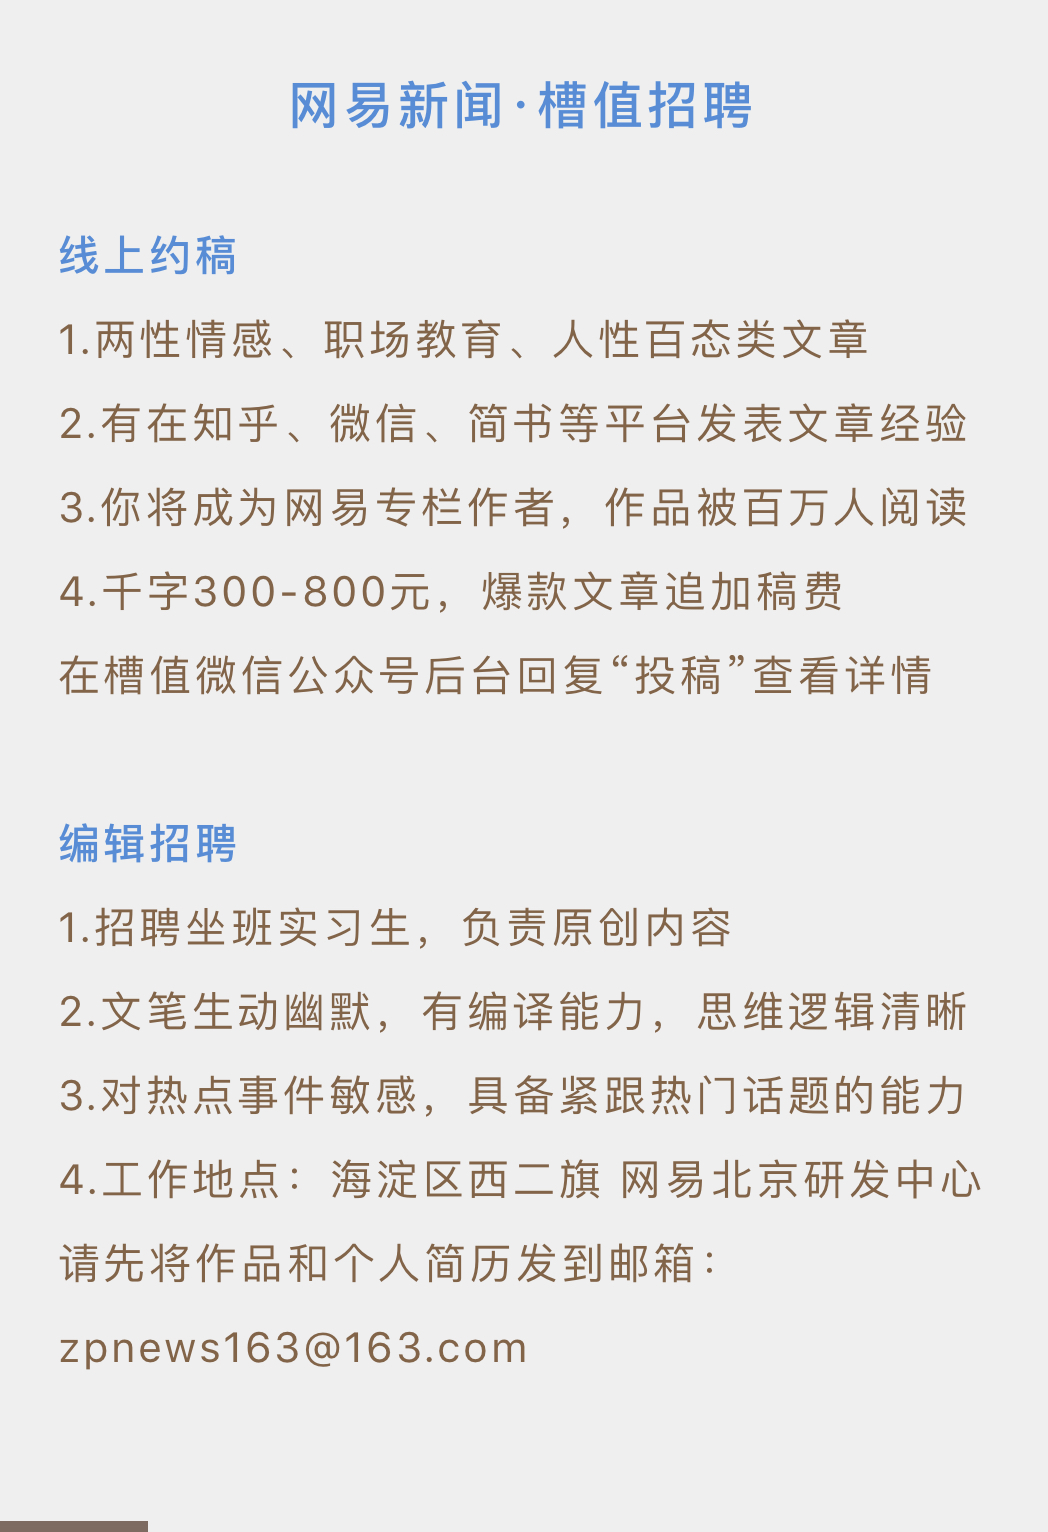 国外早已叫停的运动,中国学生还在狂做